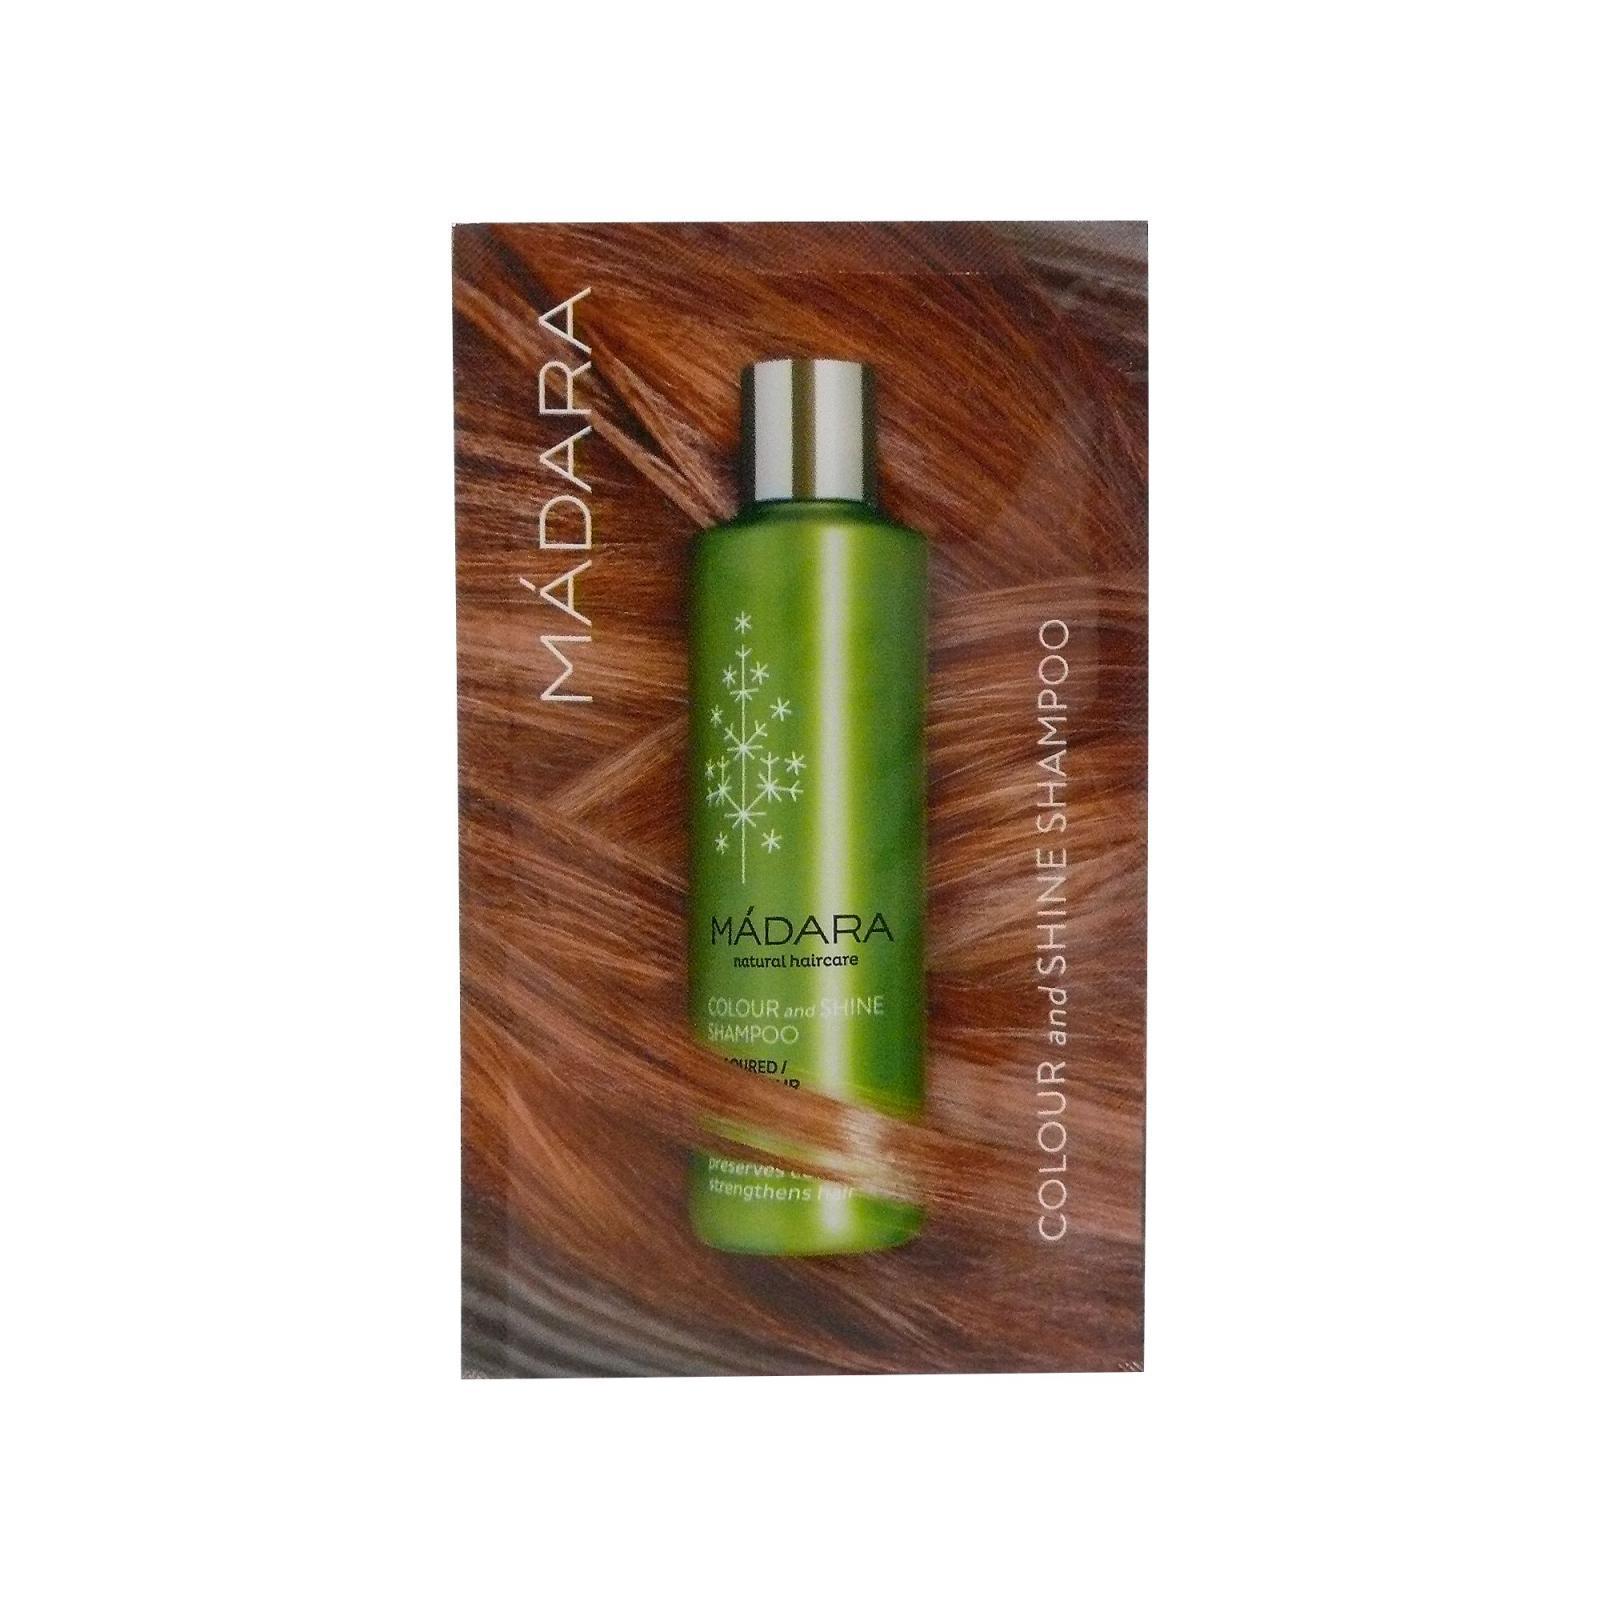 MÁDARA Šampon pro suché a barvené vlasy 10 ml